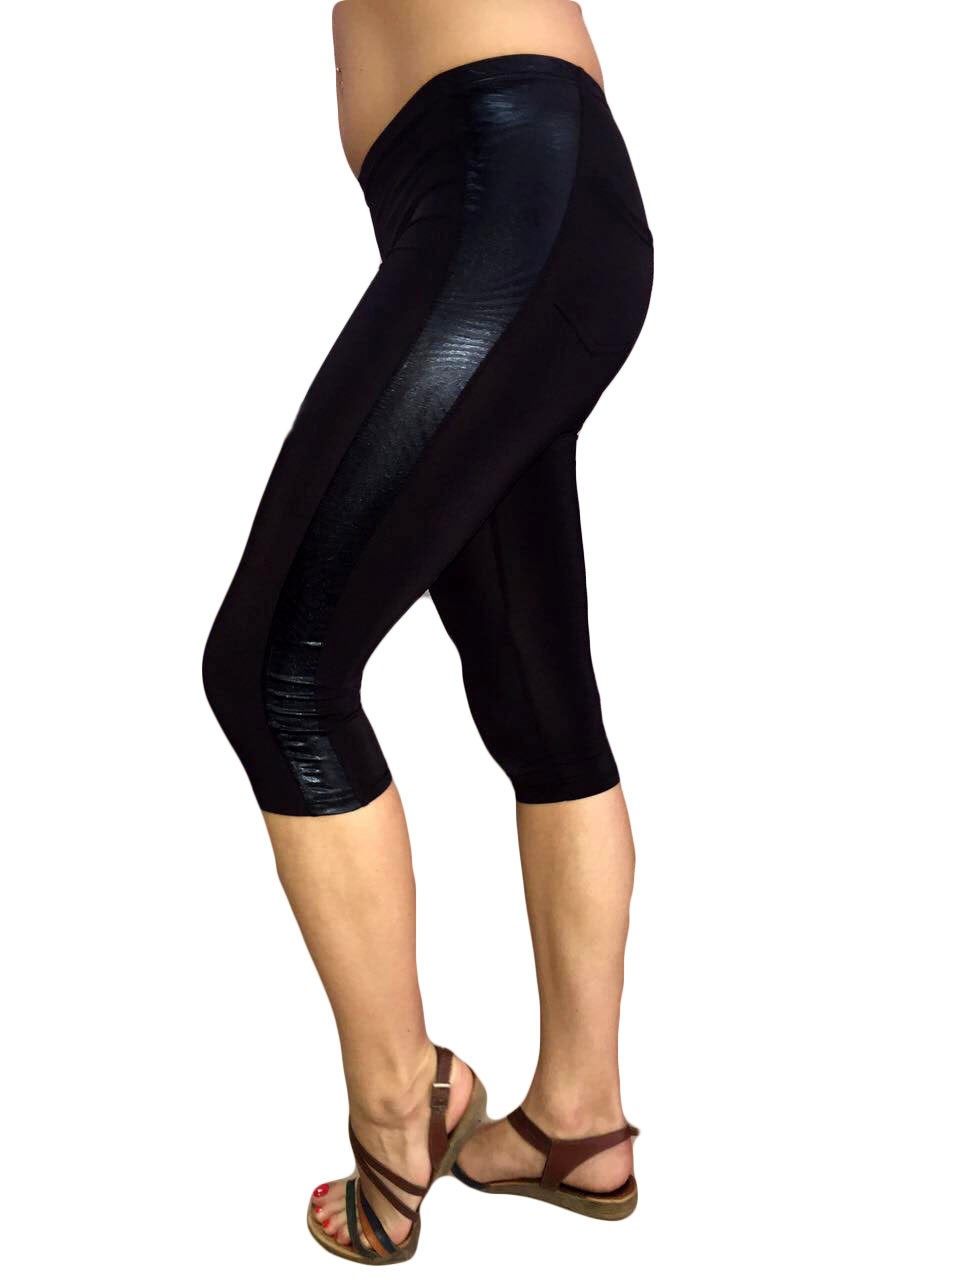 Женские капри микромасло №323 черные с карманами и вставками с узором